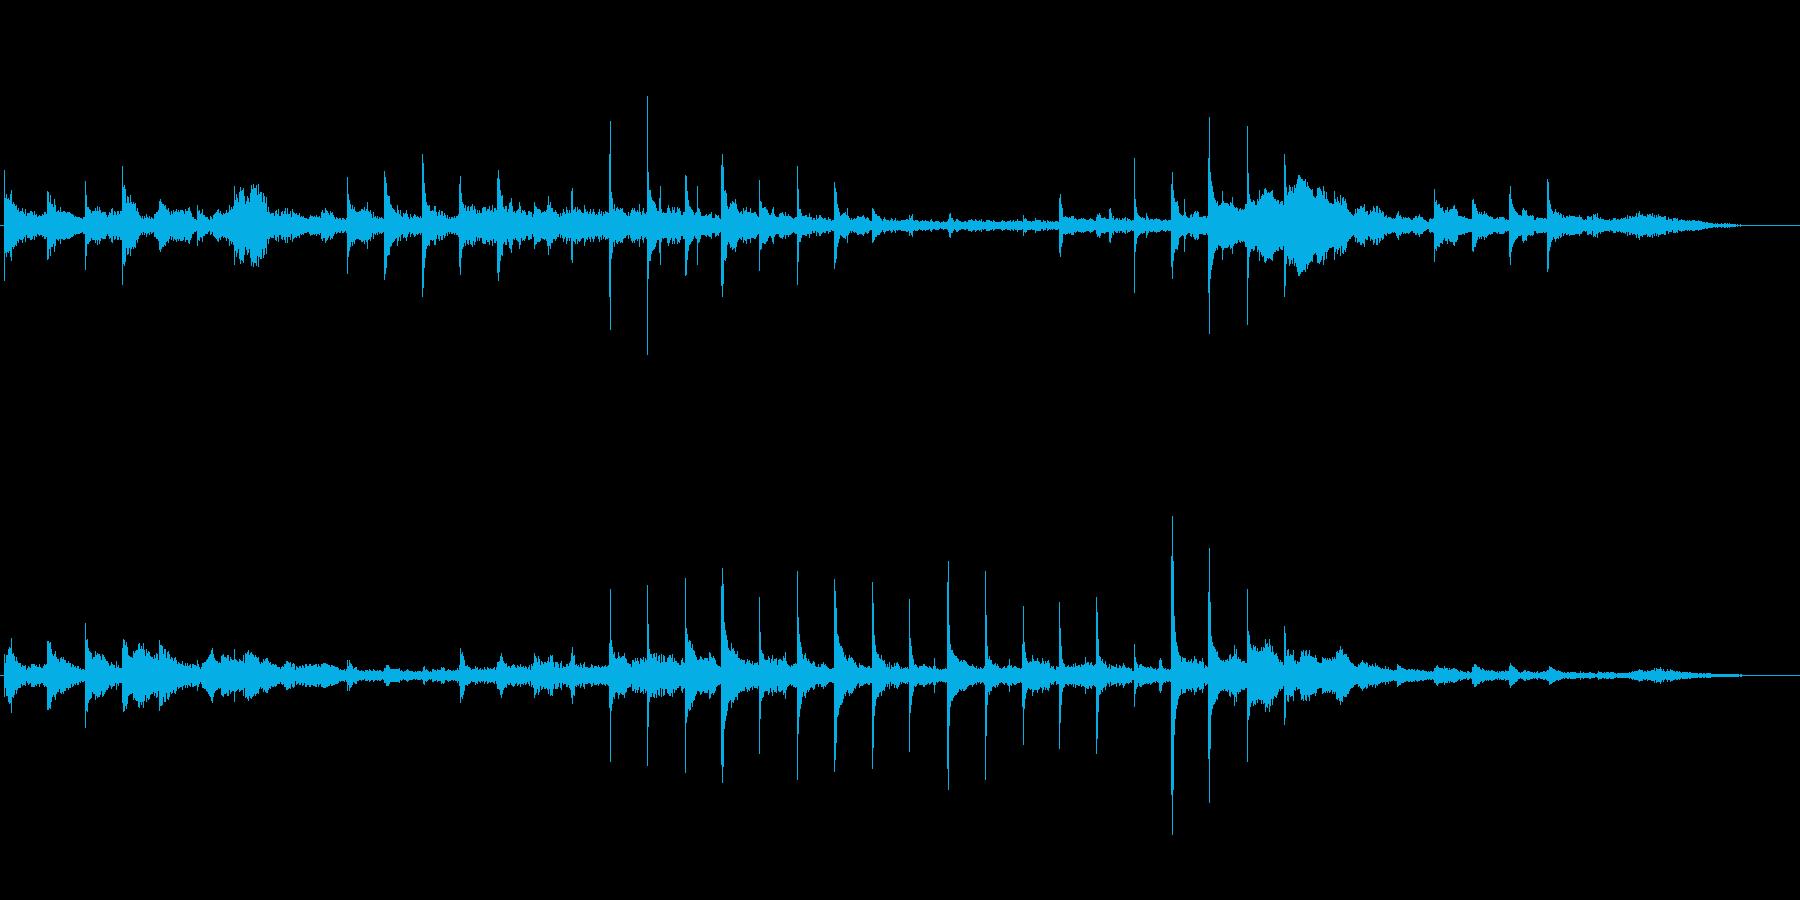 「漂う」テーマのアイキャッチ音の再生済みの波形